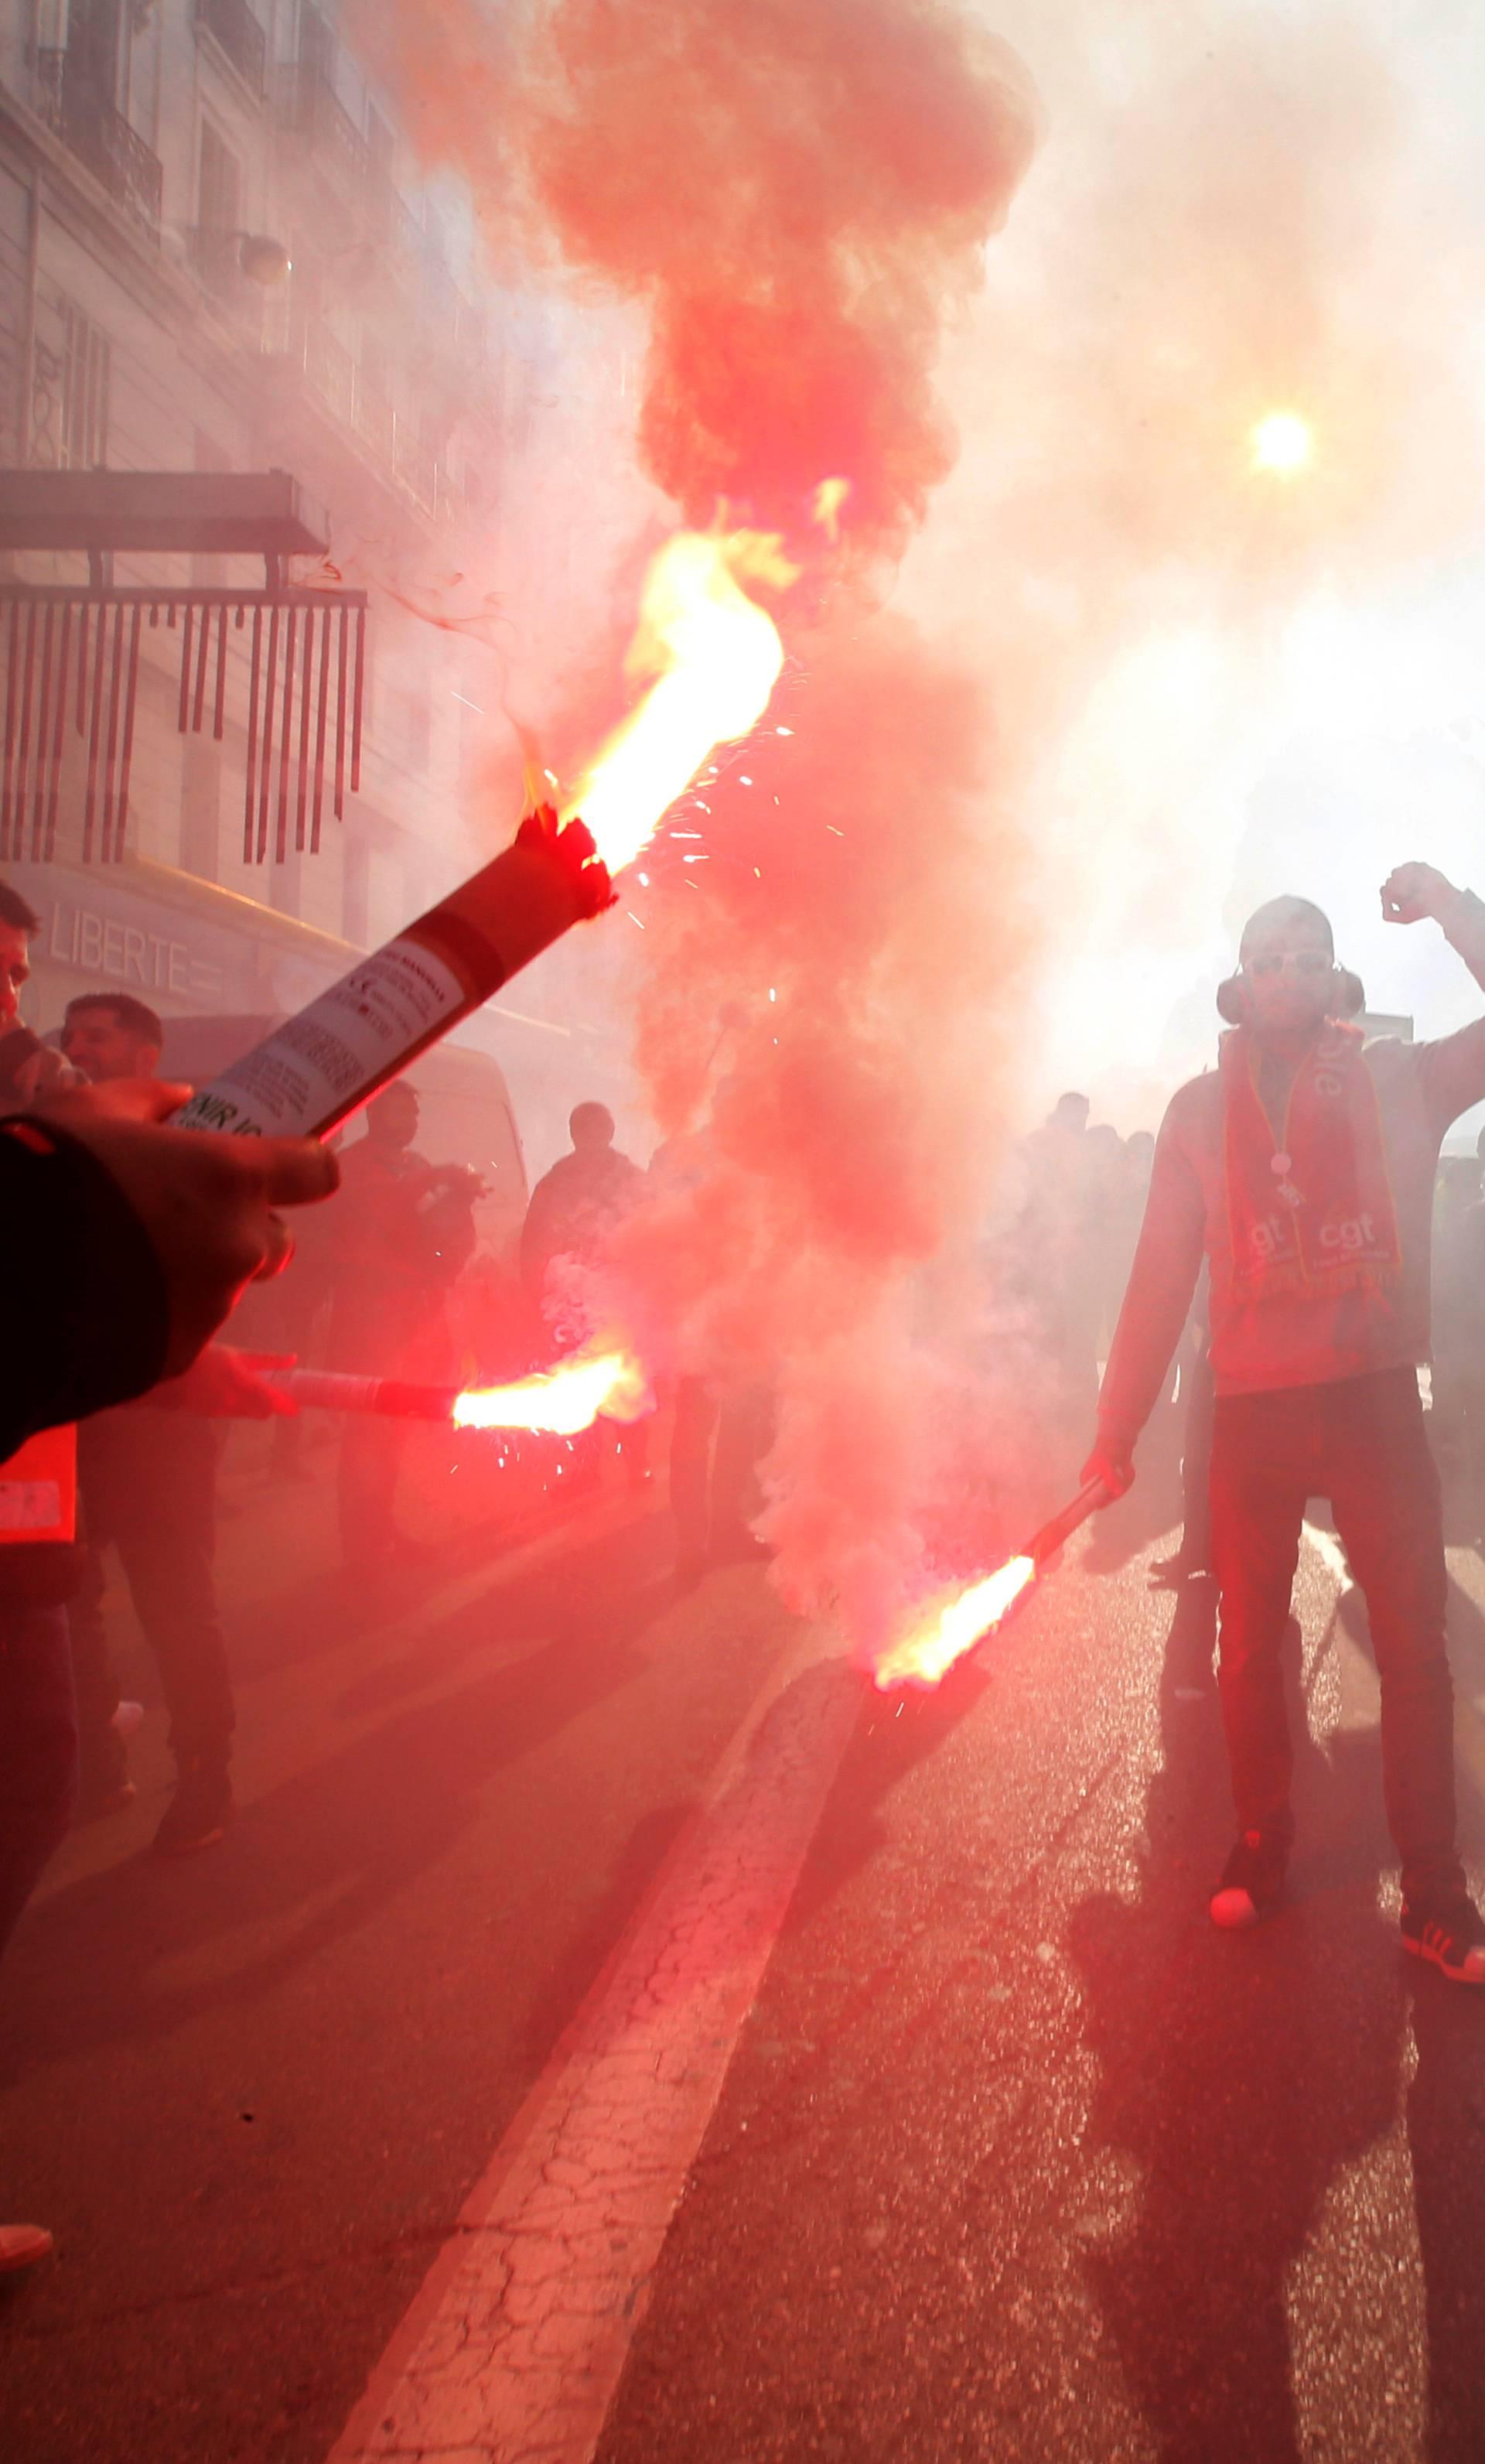 Prosvjednicima u Francuskoj se priključili učitelji i odvjetnici